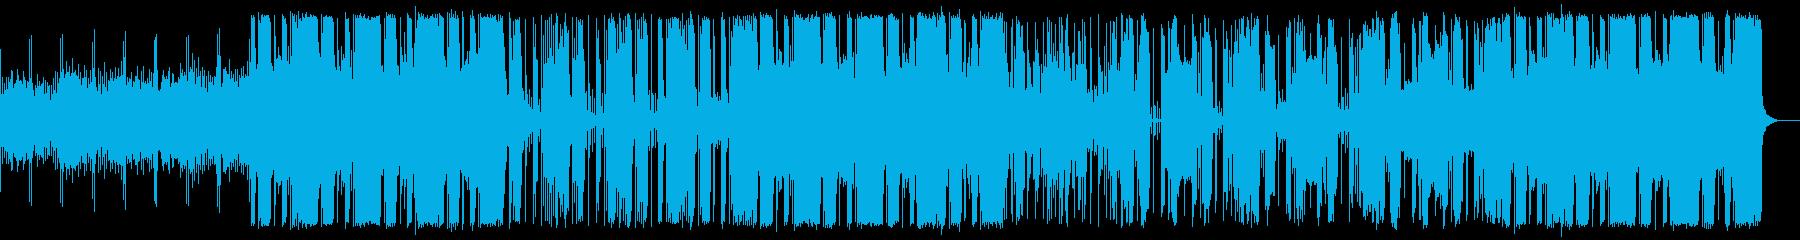 渦巻くピアノ/オーケストラ楽器。緊...の再生済みの波形